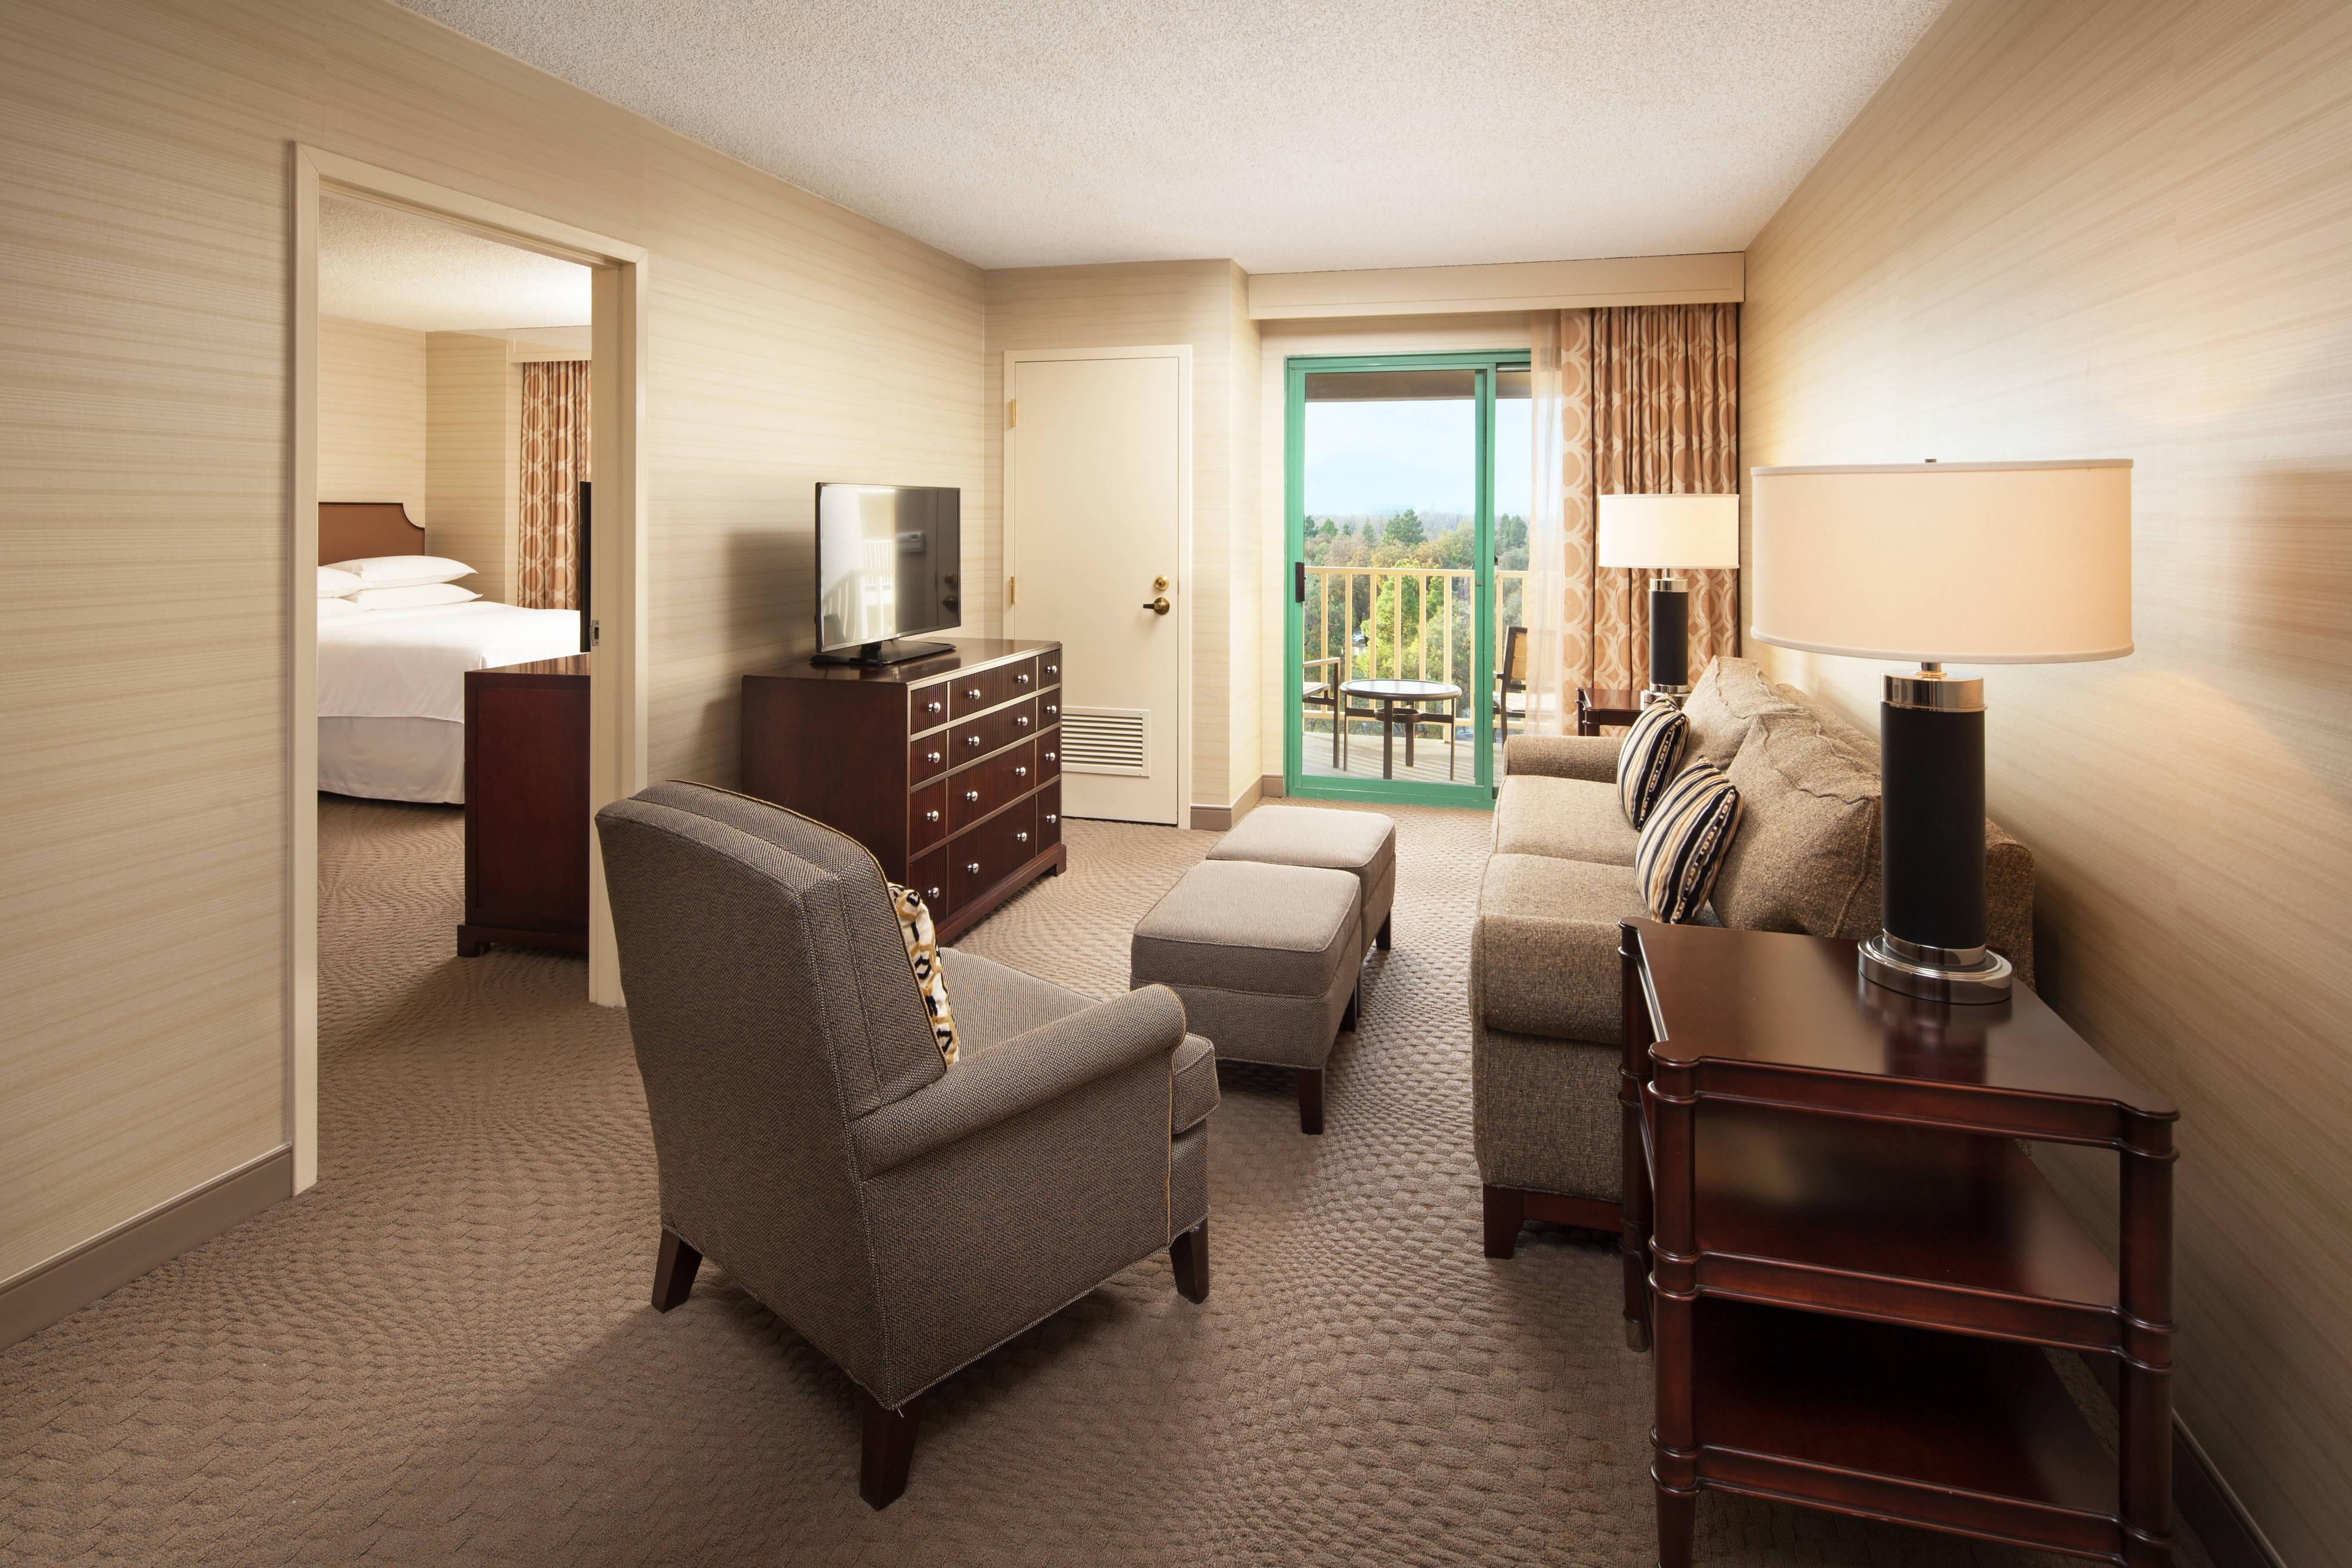 sheraton san jose hotel milpitas spg rh marriott com